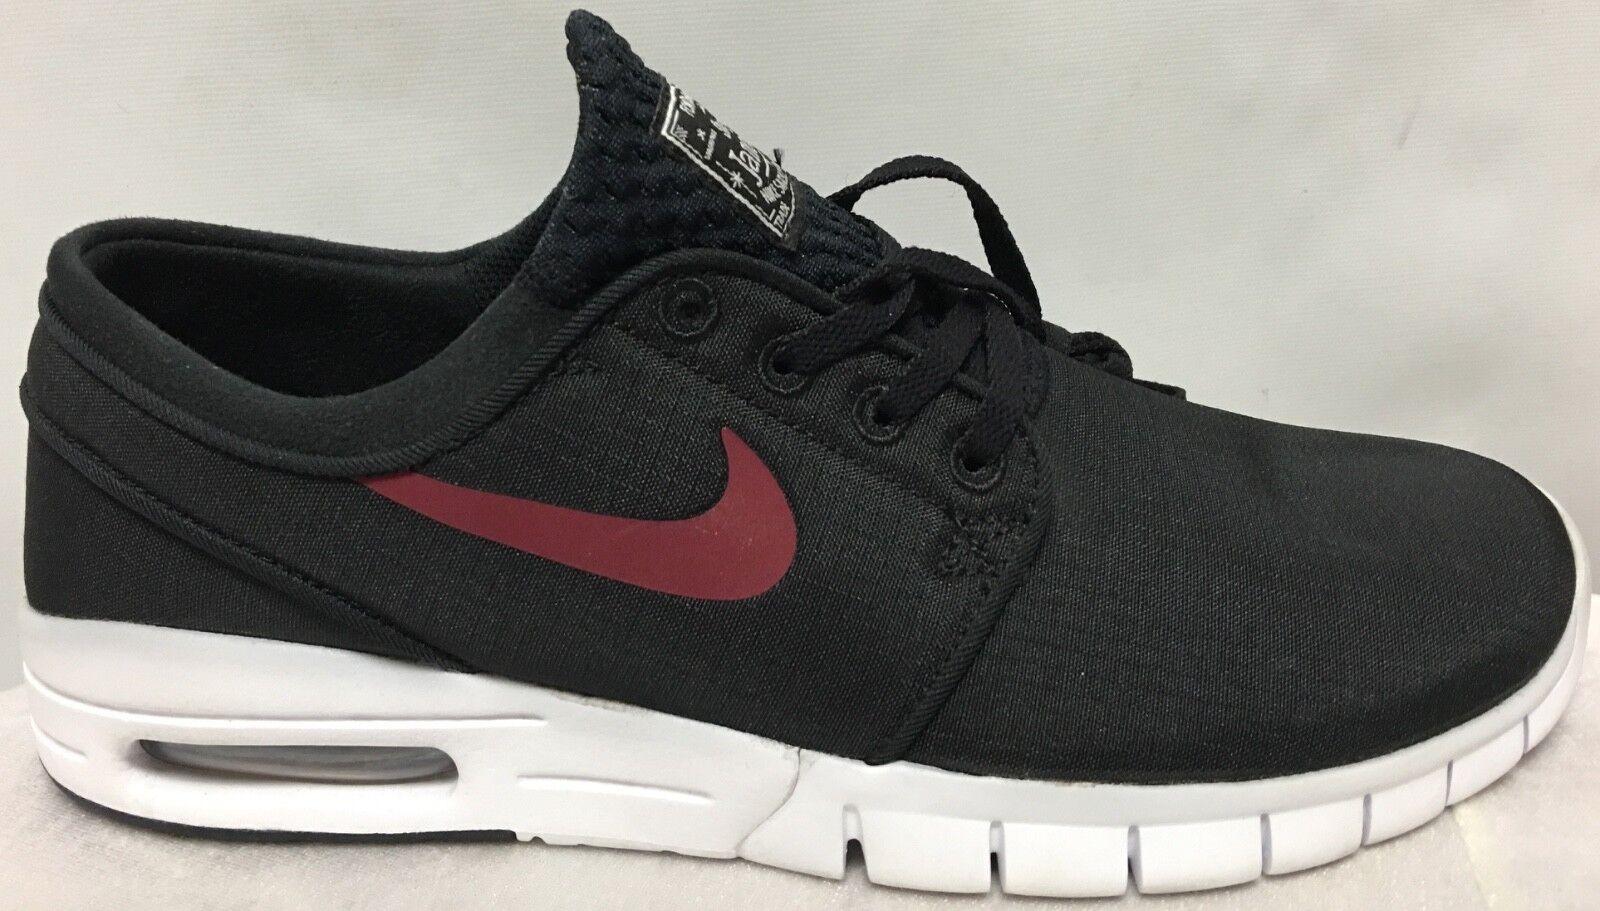 homme / femme de chaussures stefan nike stefan chaussures janoski mode moderne et élégante de max la réputation de nouveaux produits en 2018 fiables 6d9a5f